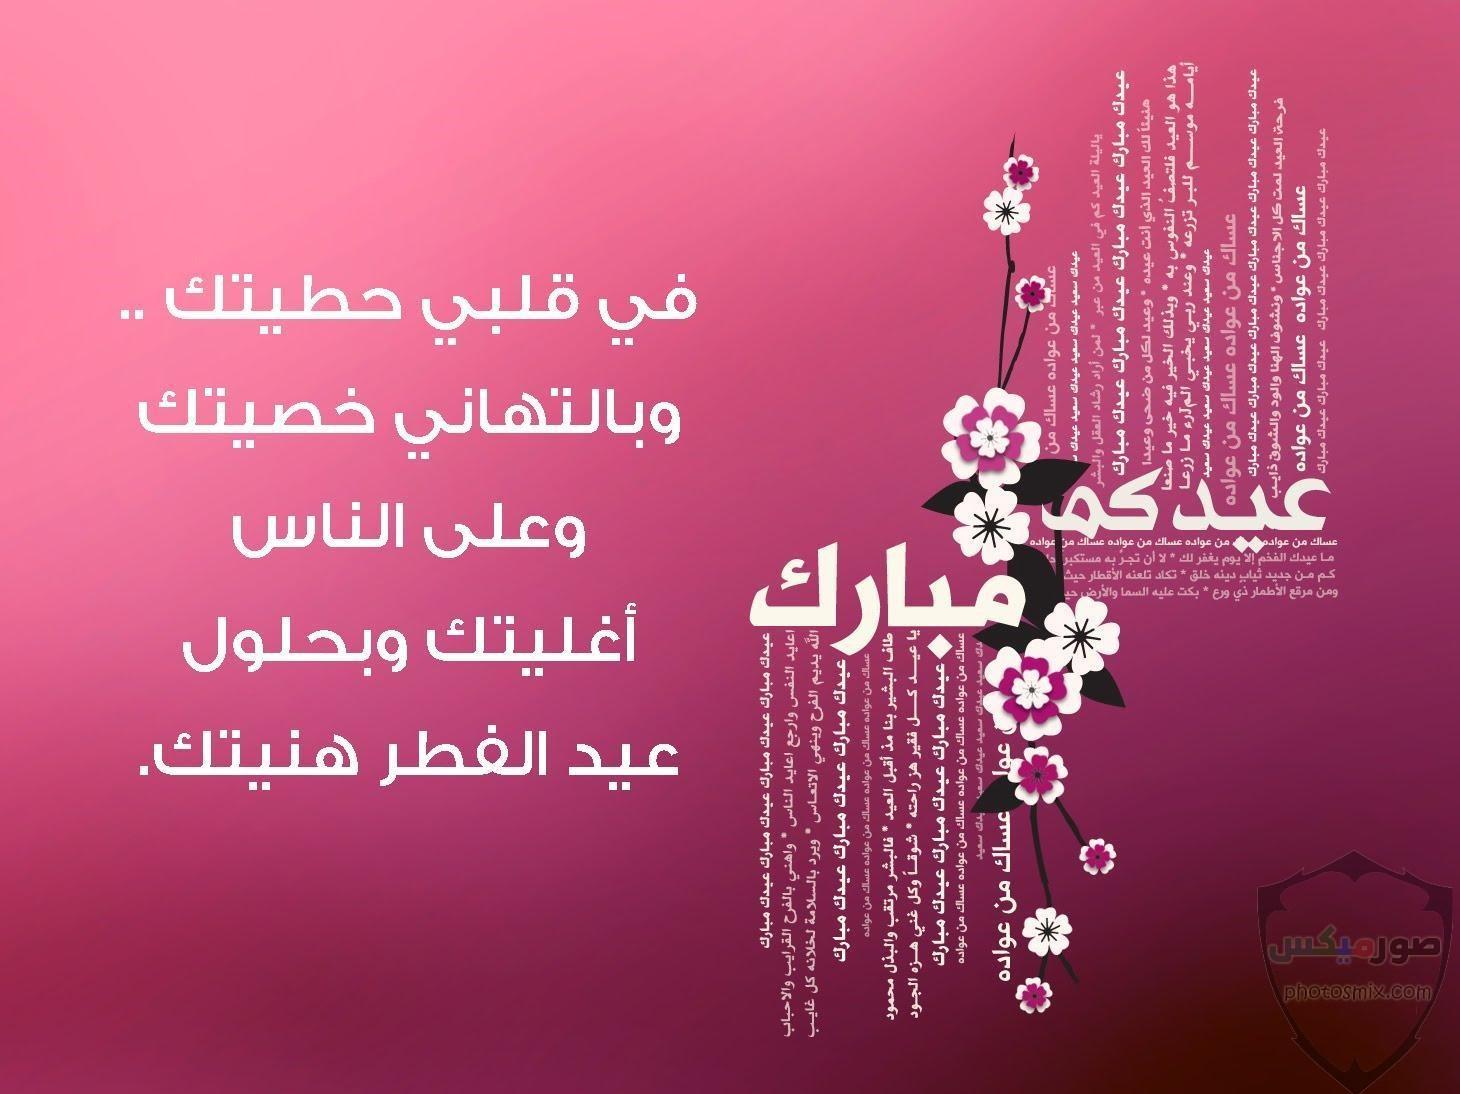 صور عيد الفطر صور برقيات وتهنئة بالعيد الصغير خلفيات فيس بوك وواتس اب بعيد الفطر 9